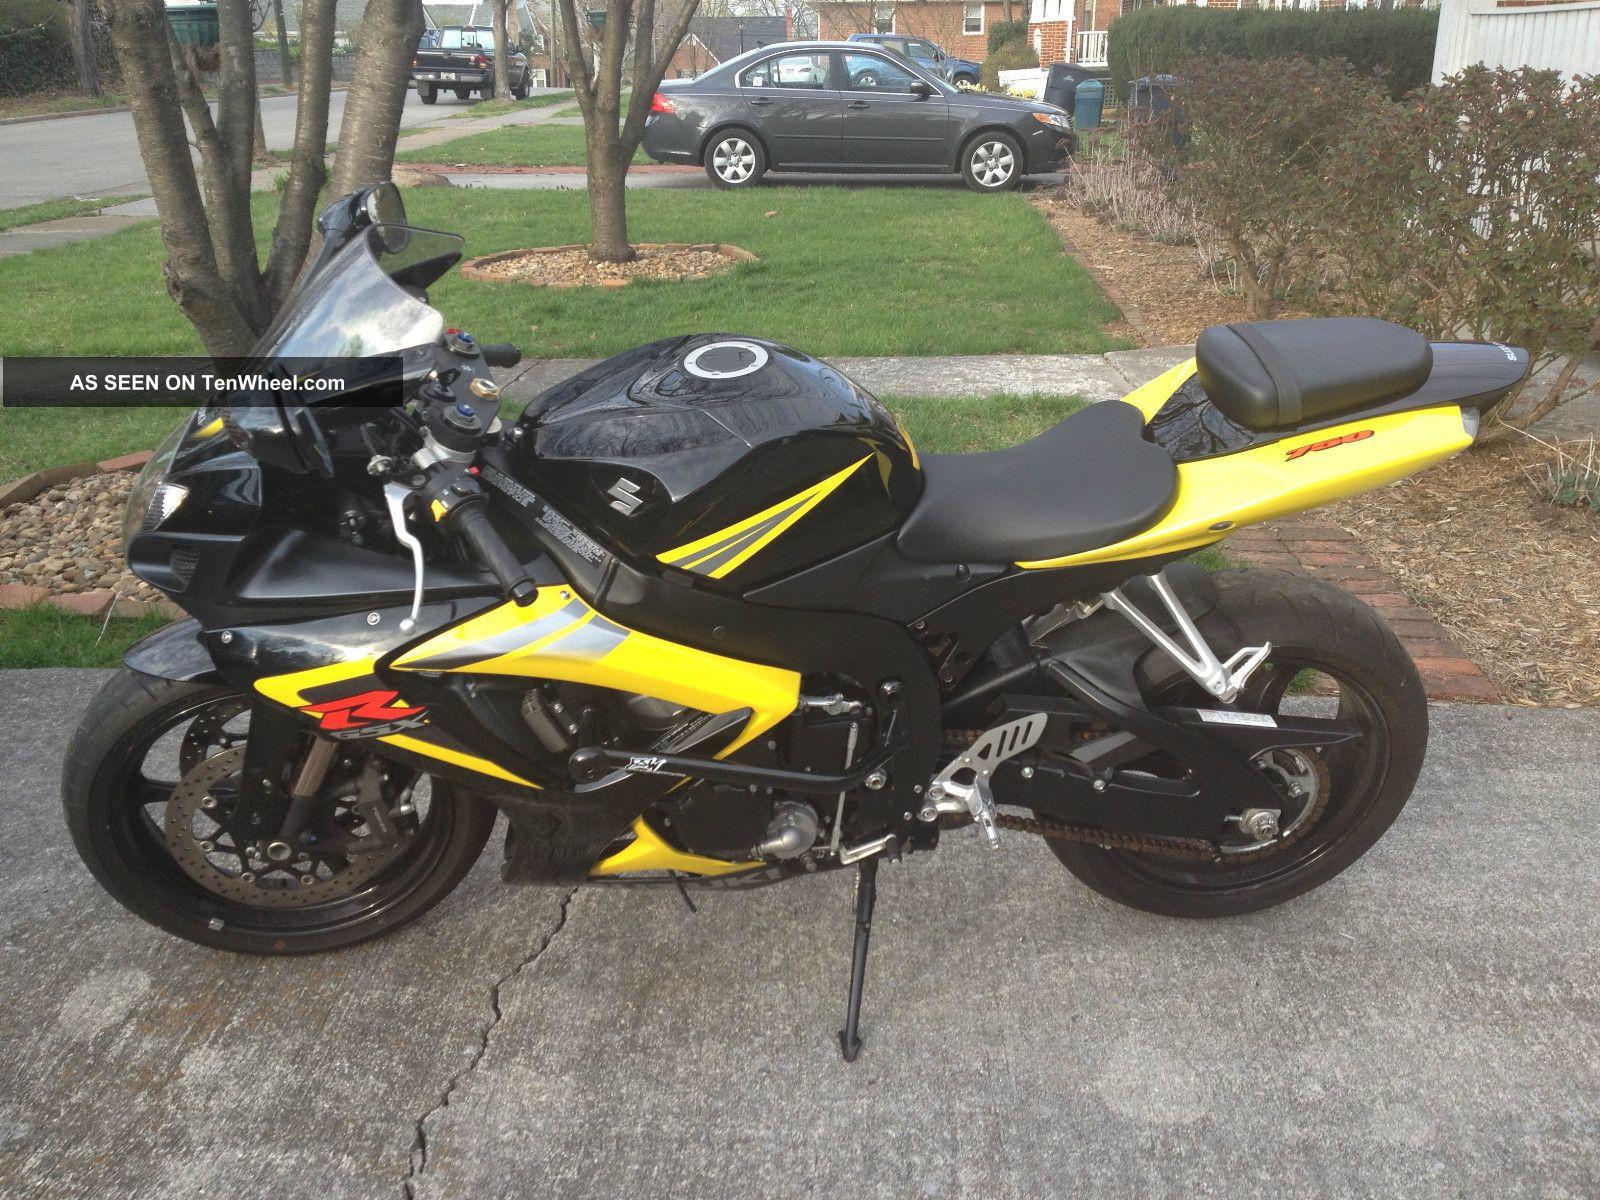 2006 Suzuki Gsxr 750 Motorcycle Black And Yellow